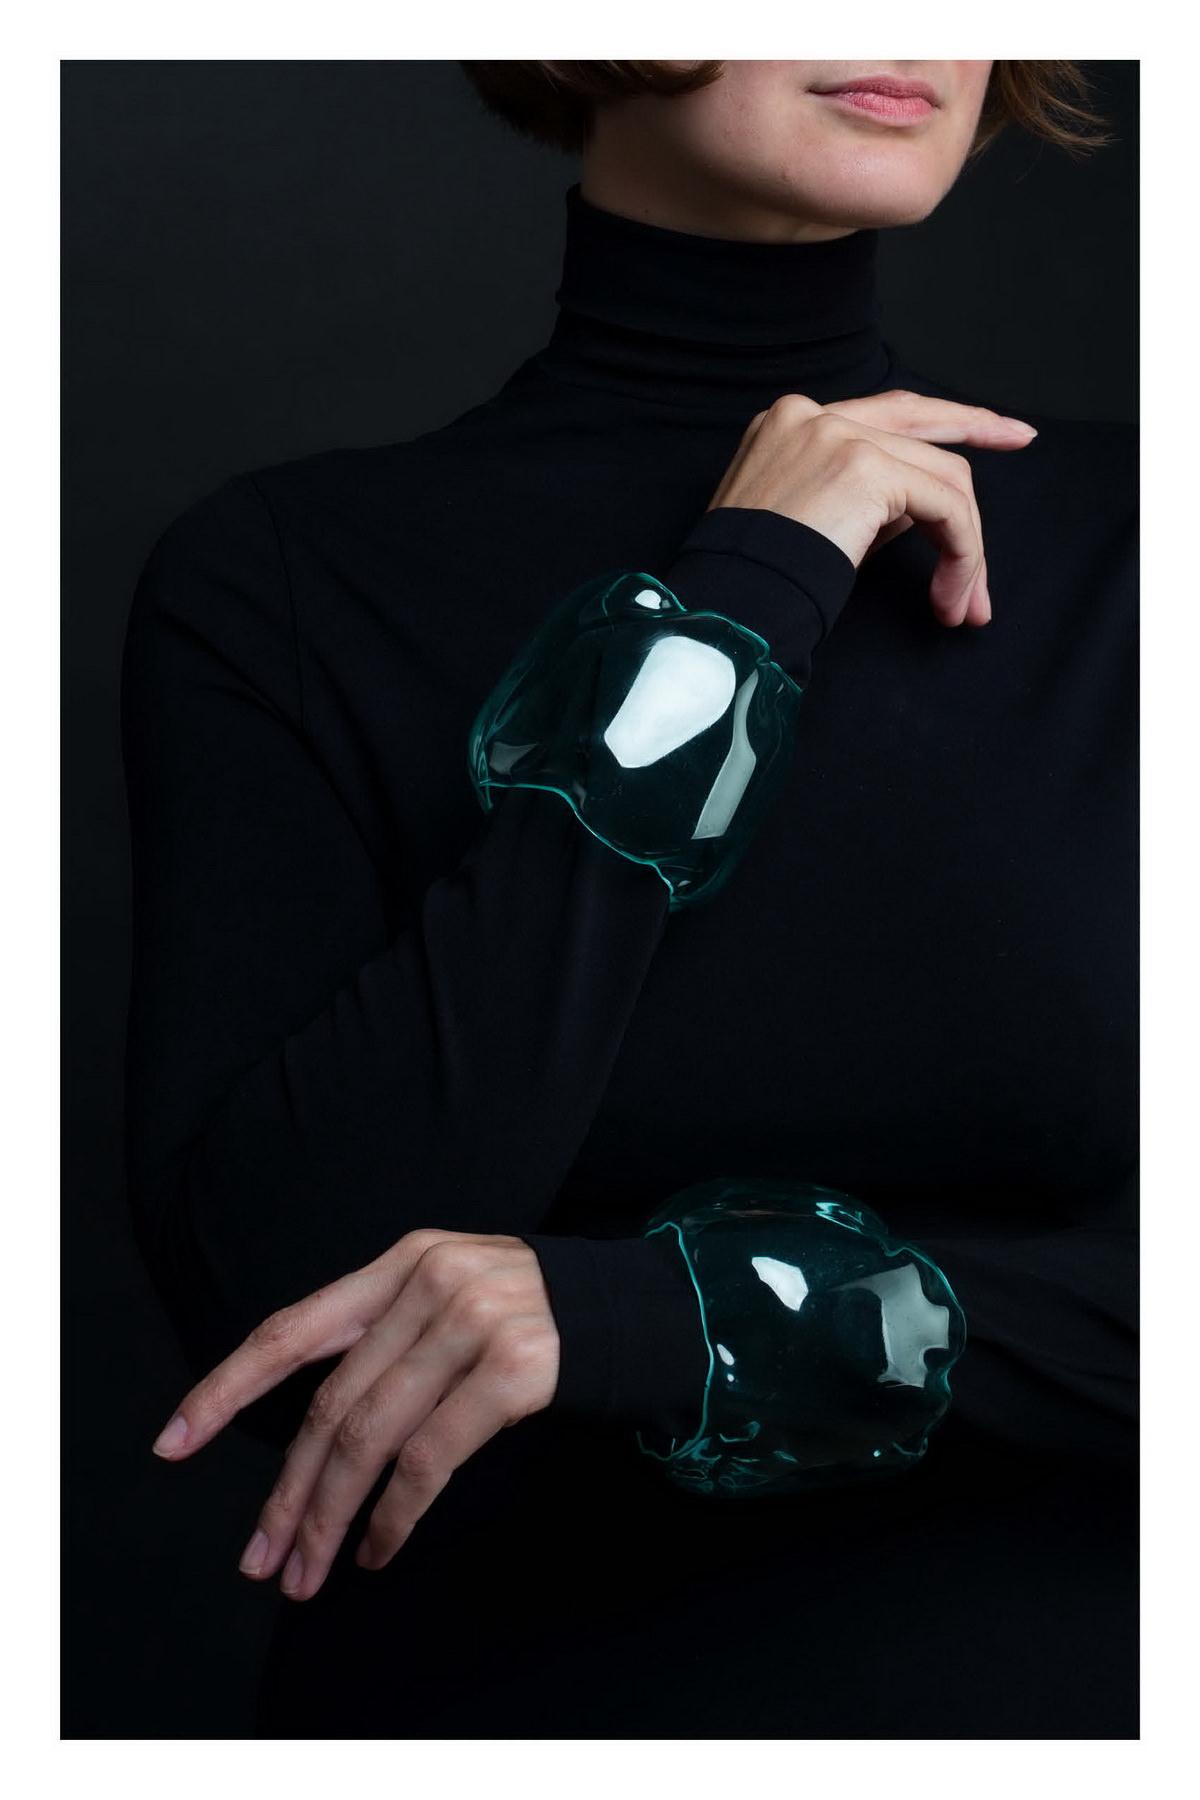 Браслет, Екатерина Лукьянова, Россия, 2019, Переработанный пластик, Собрание дизайнера